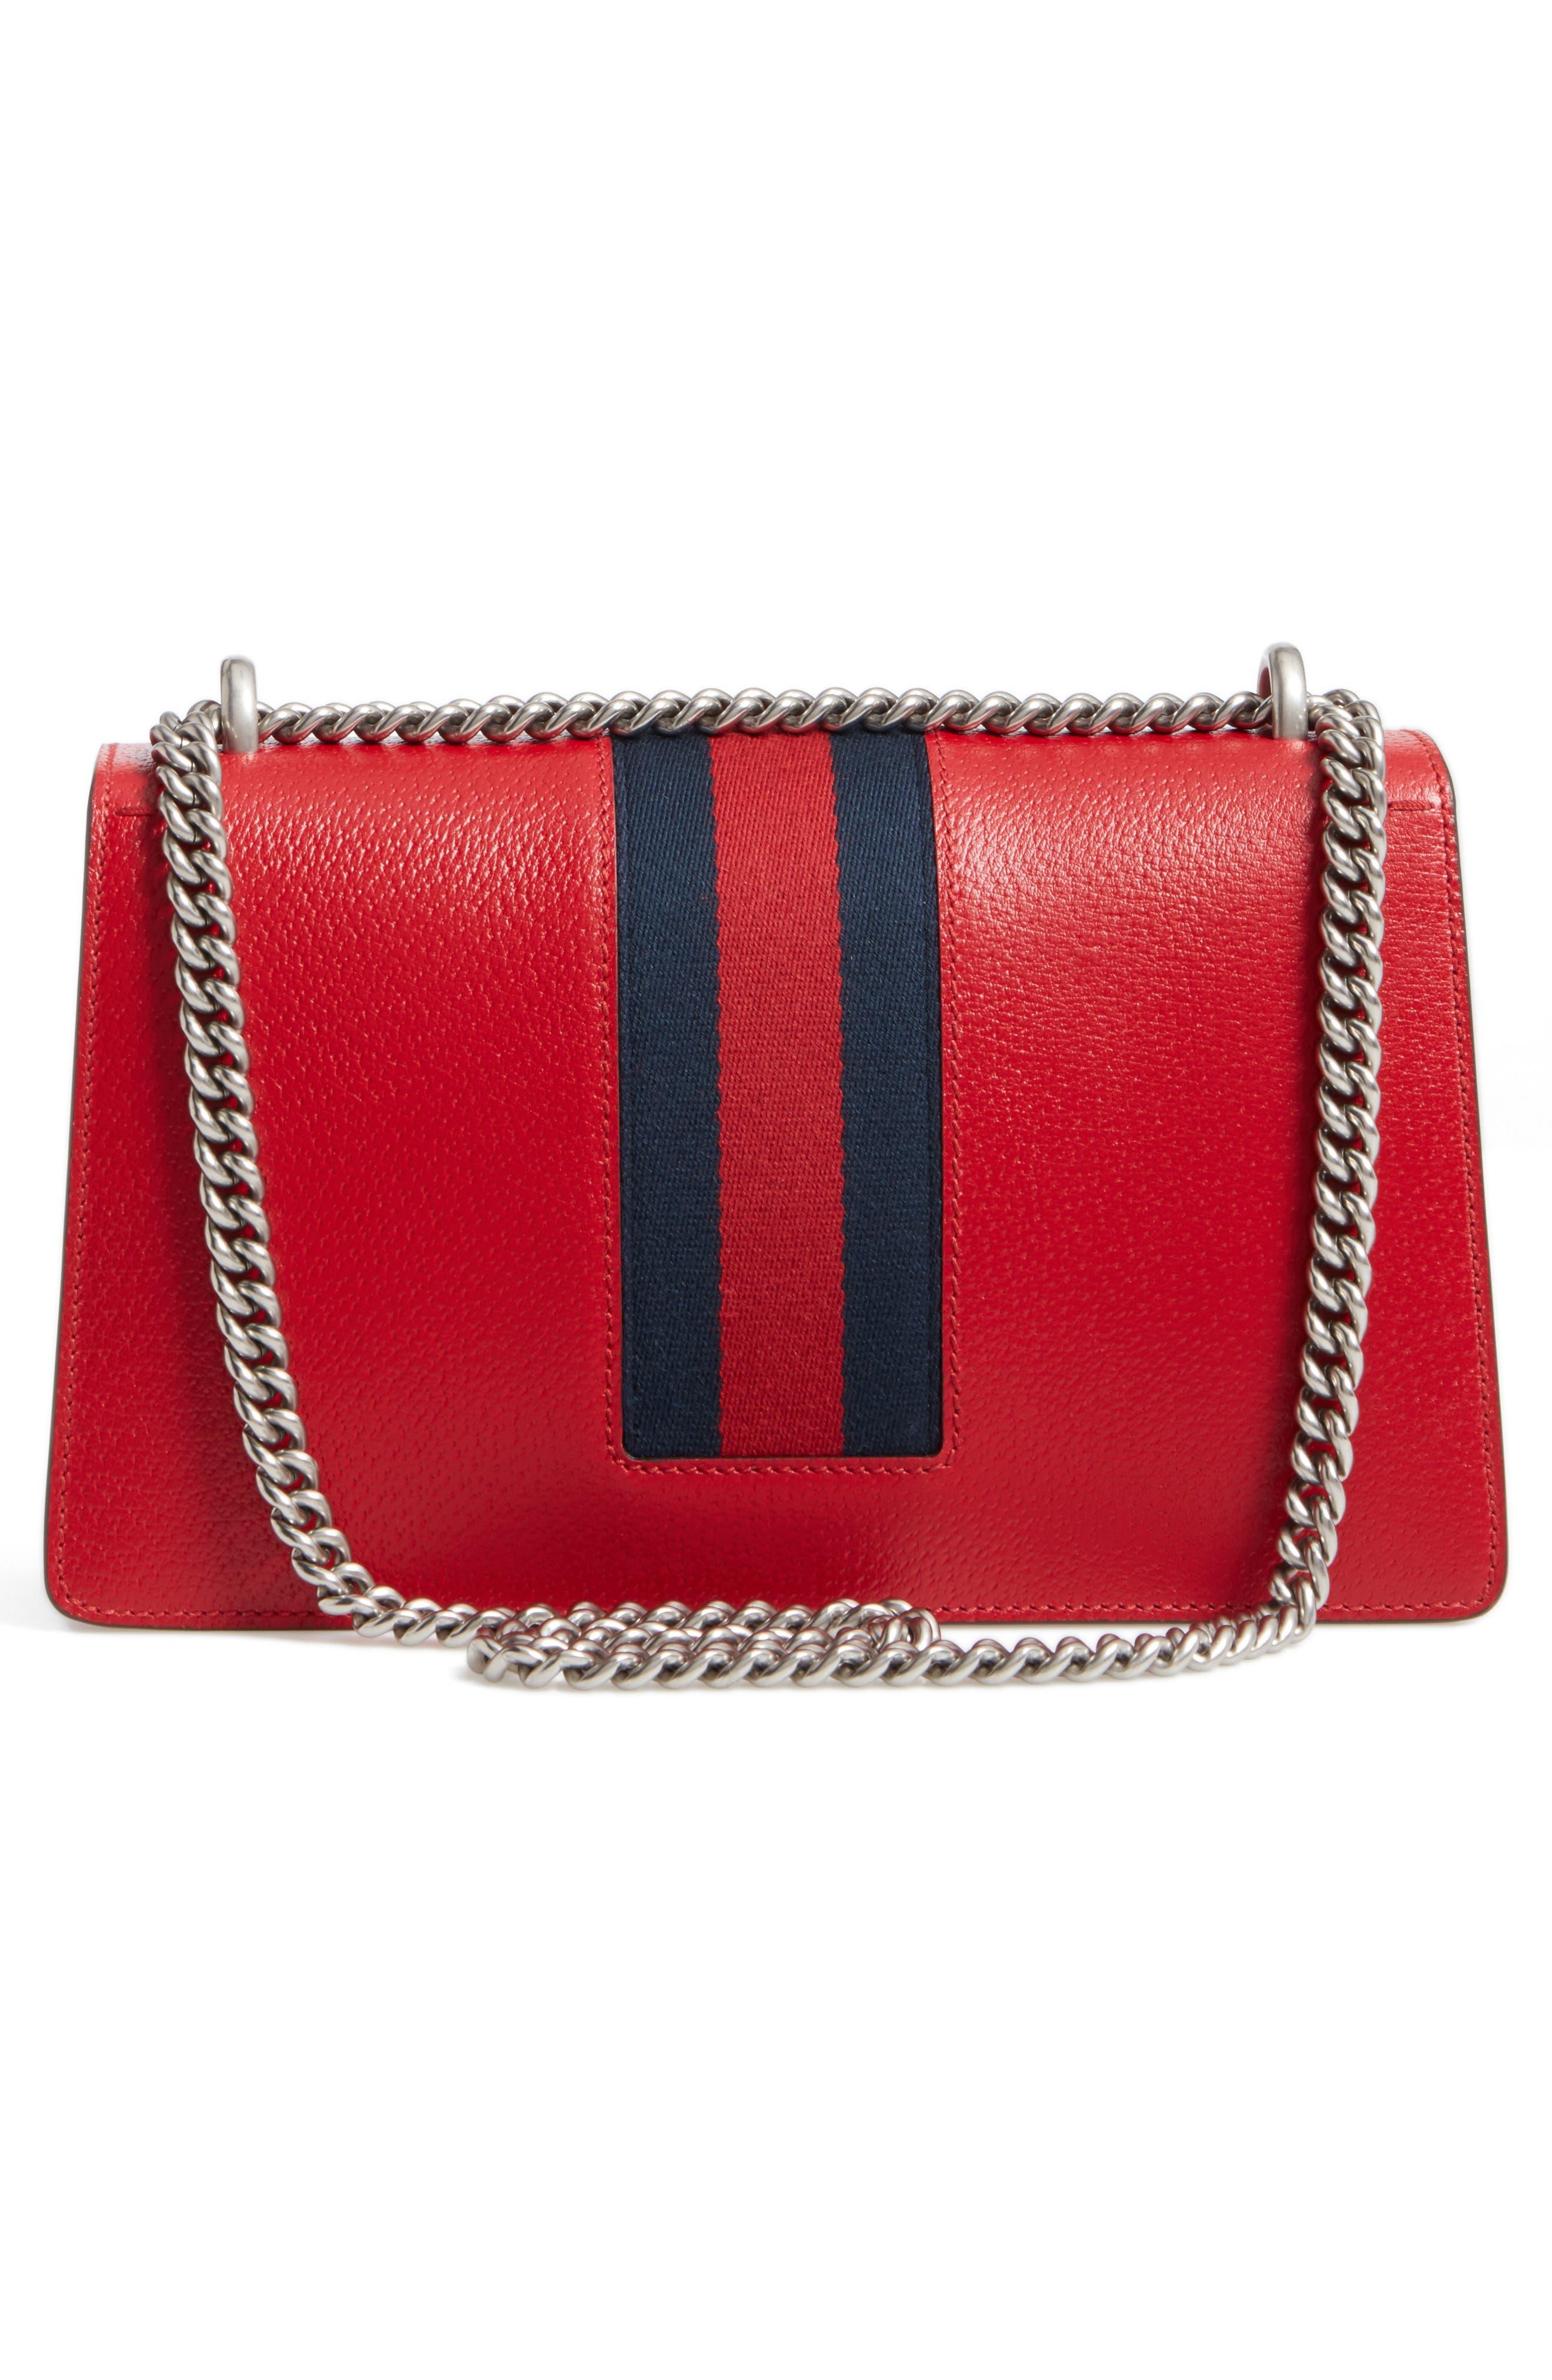 Alternate Image 2  - Gucci Dionysus Leather Shoulder Bag